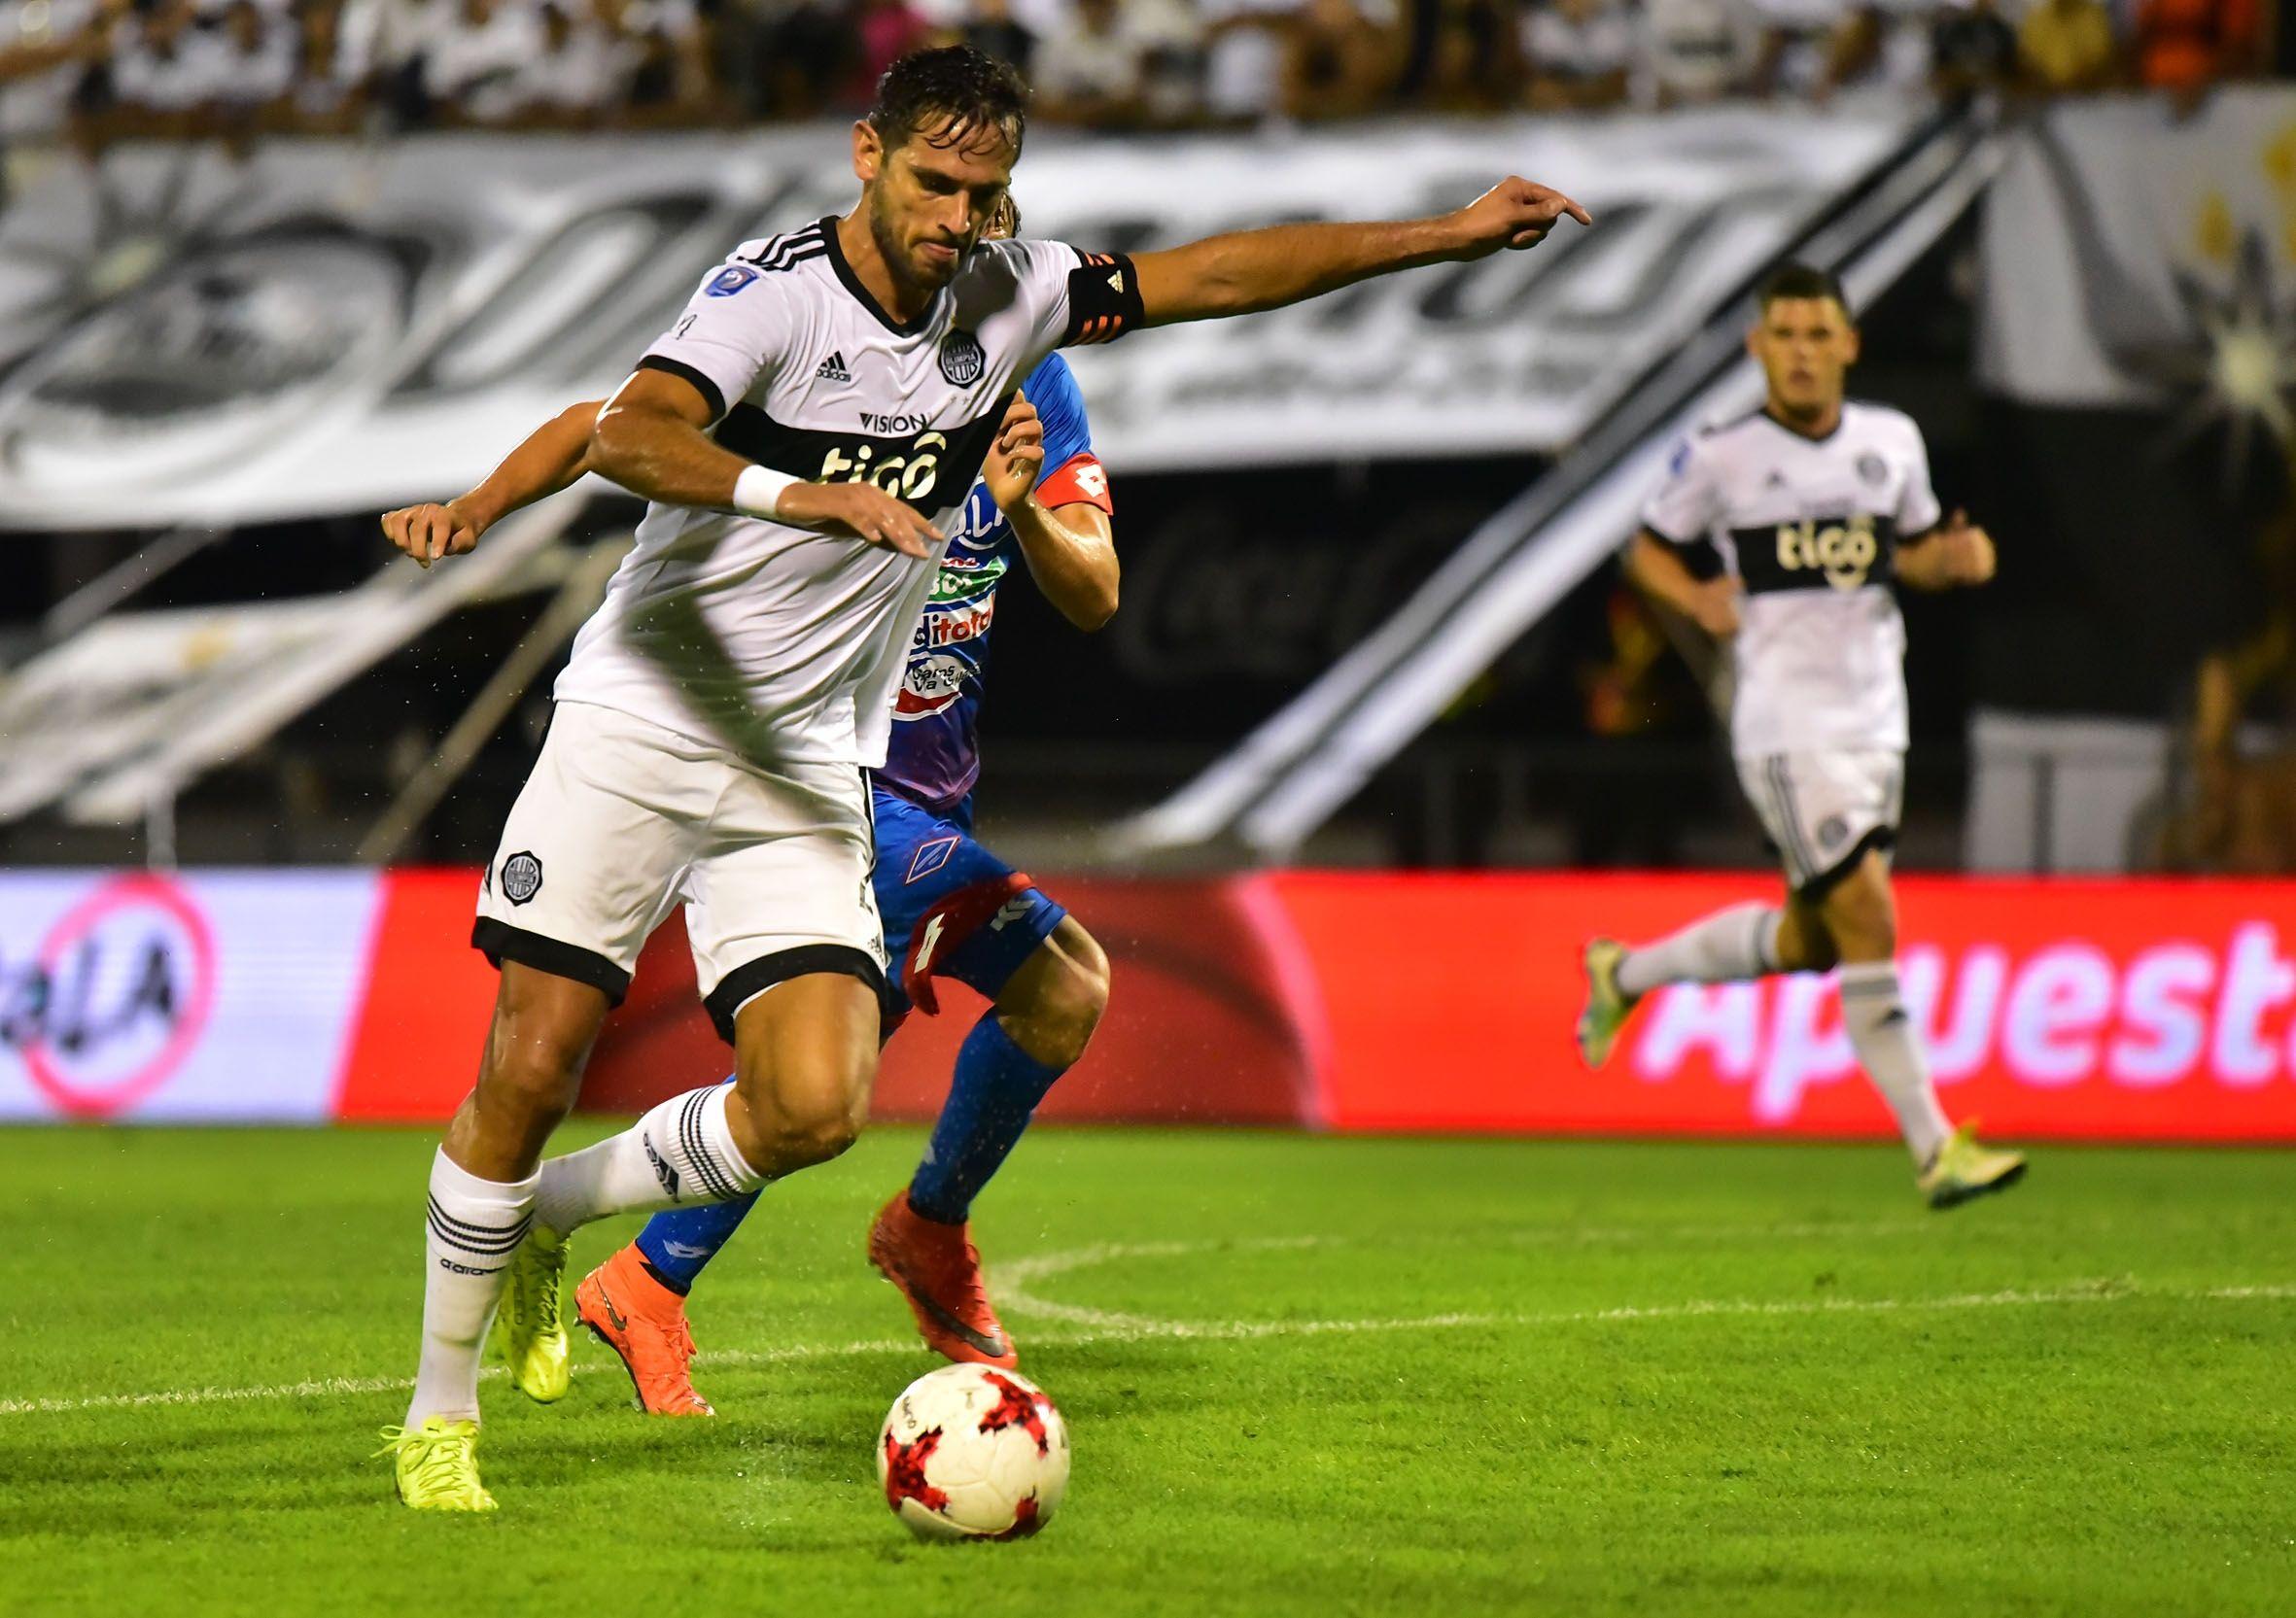 Emblema. Roque Santa Cruz viene de marcar en la fecha pasada. Volverá a ser titular y portar la cinta de capitán. El 24 recuperó su mejor forma tras la lesión.